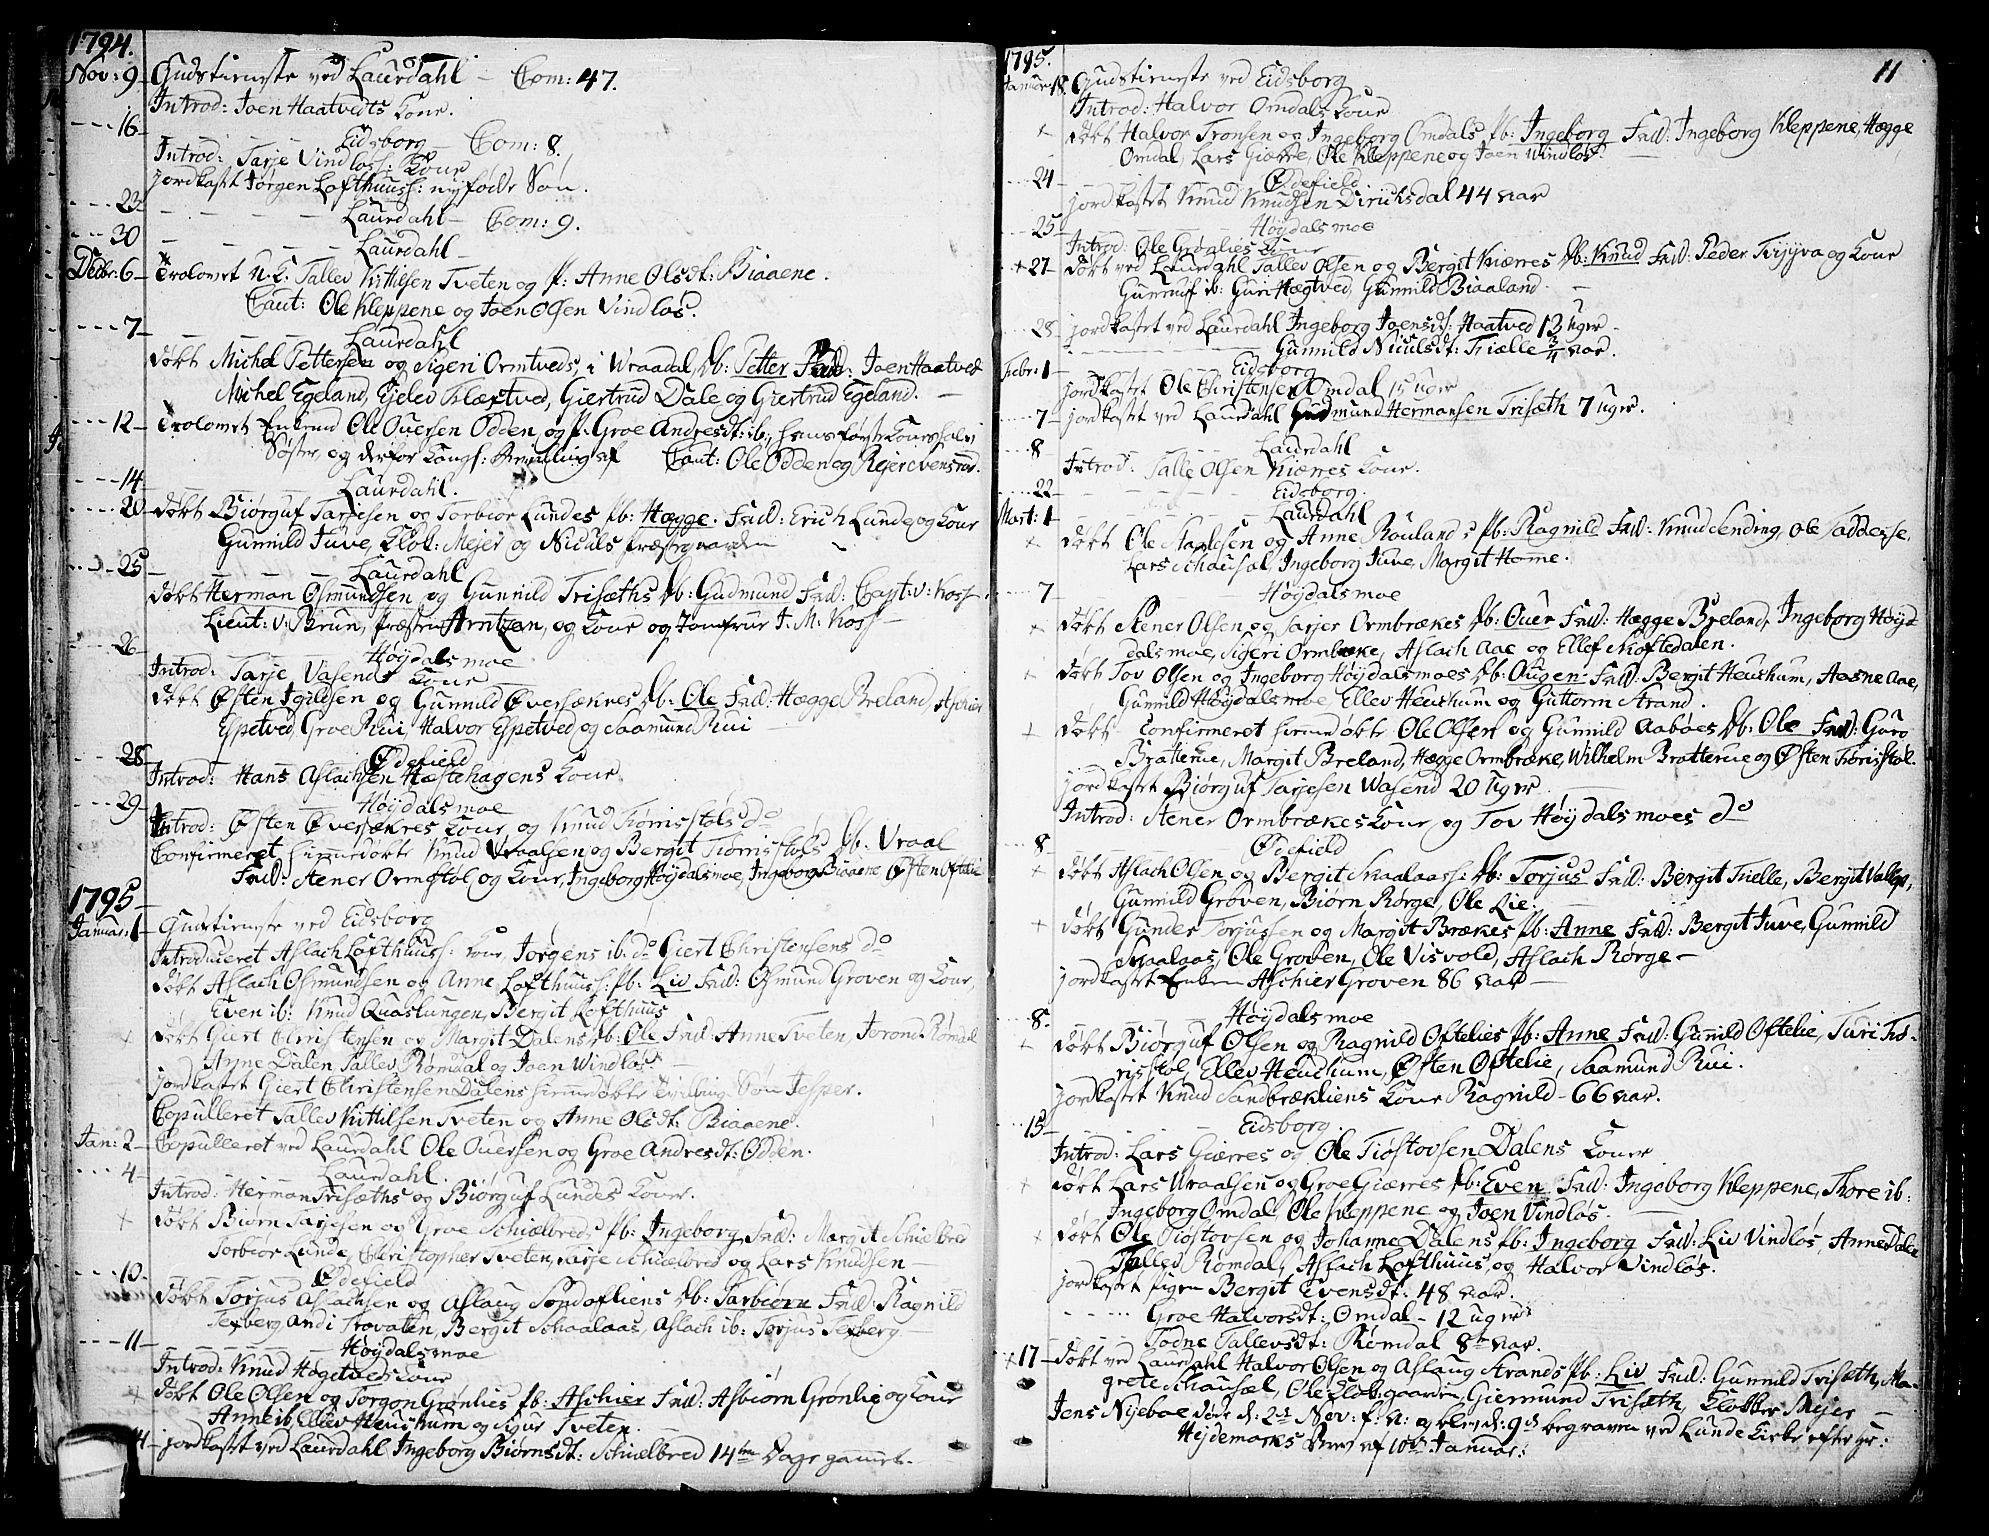 SAKO, Lårdal kirkebøker, F/Fa/L0004: Ministerialbok nr. I 4, 1790-1814, s. 11